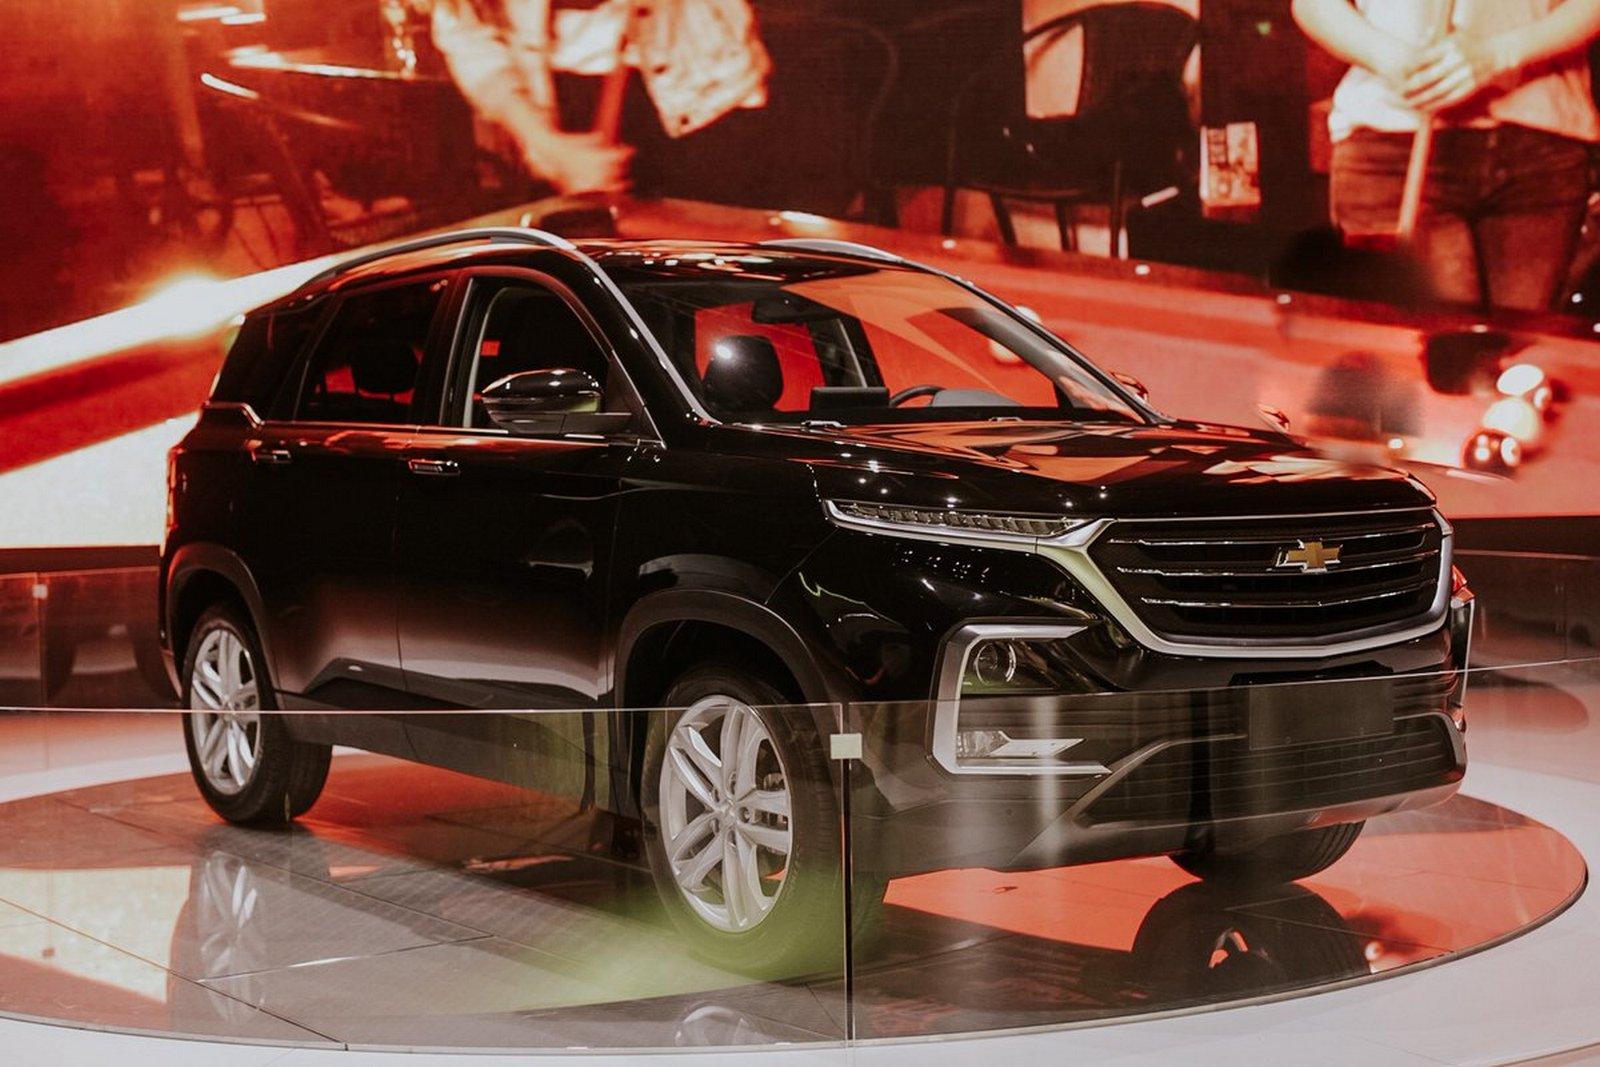 La marca Chevrolet presentó de repente la nueva generación Captiva.